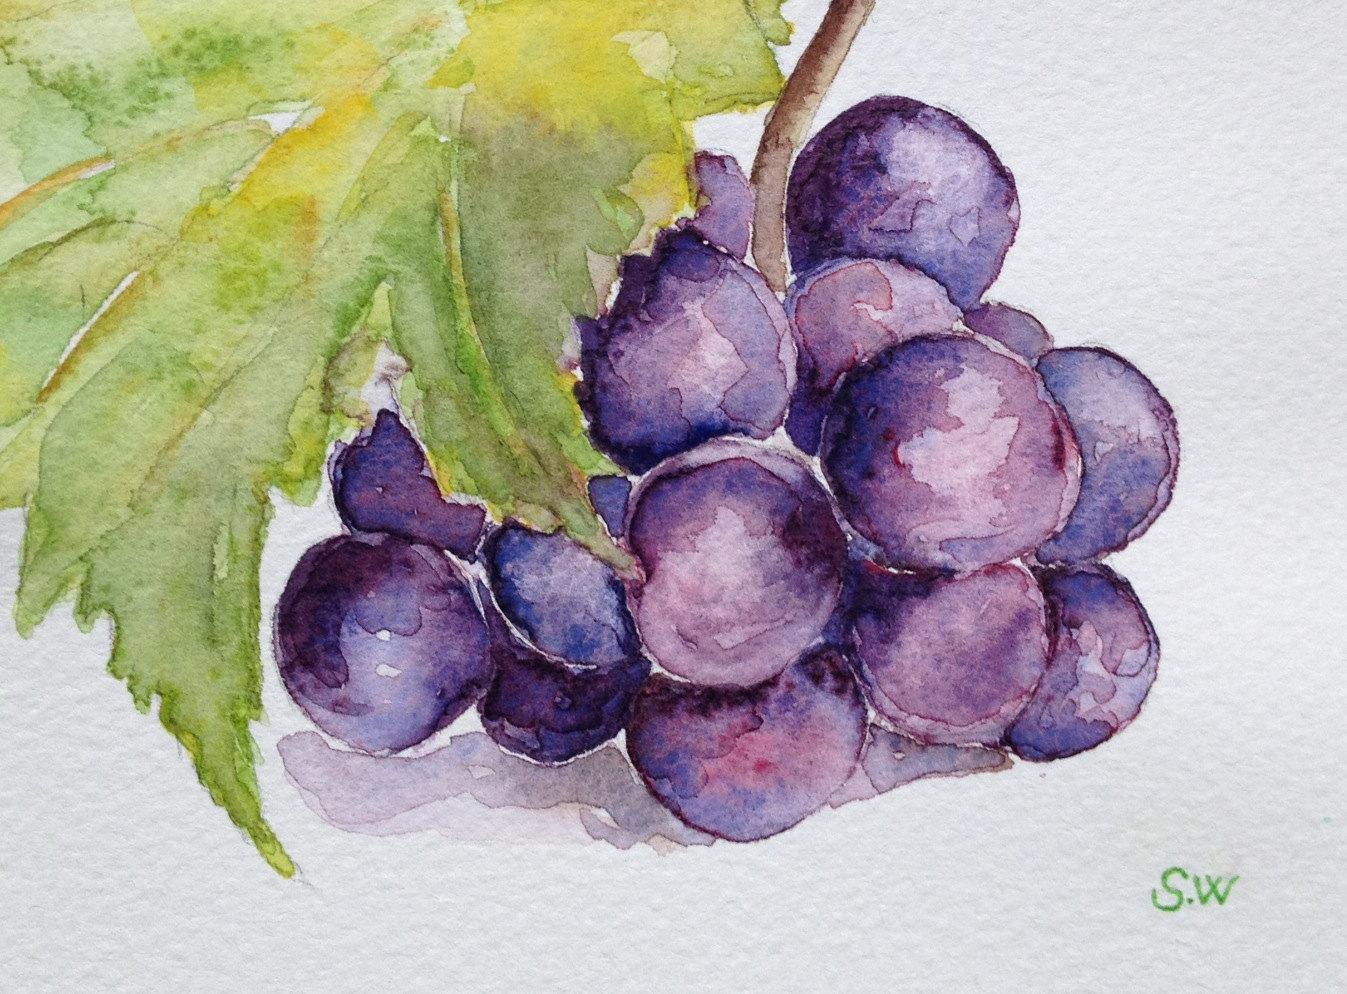 Drawn grapes realistic Grapes Watercolor life Still painting